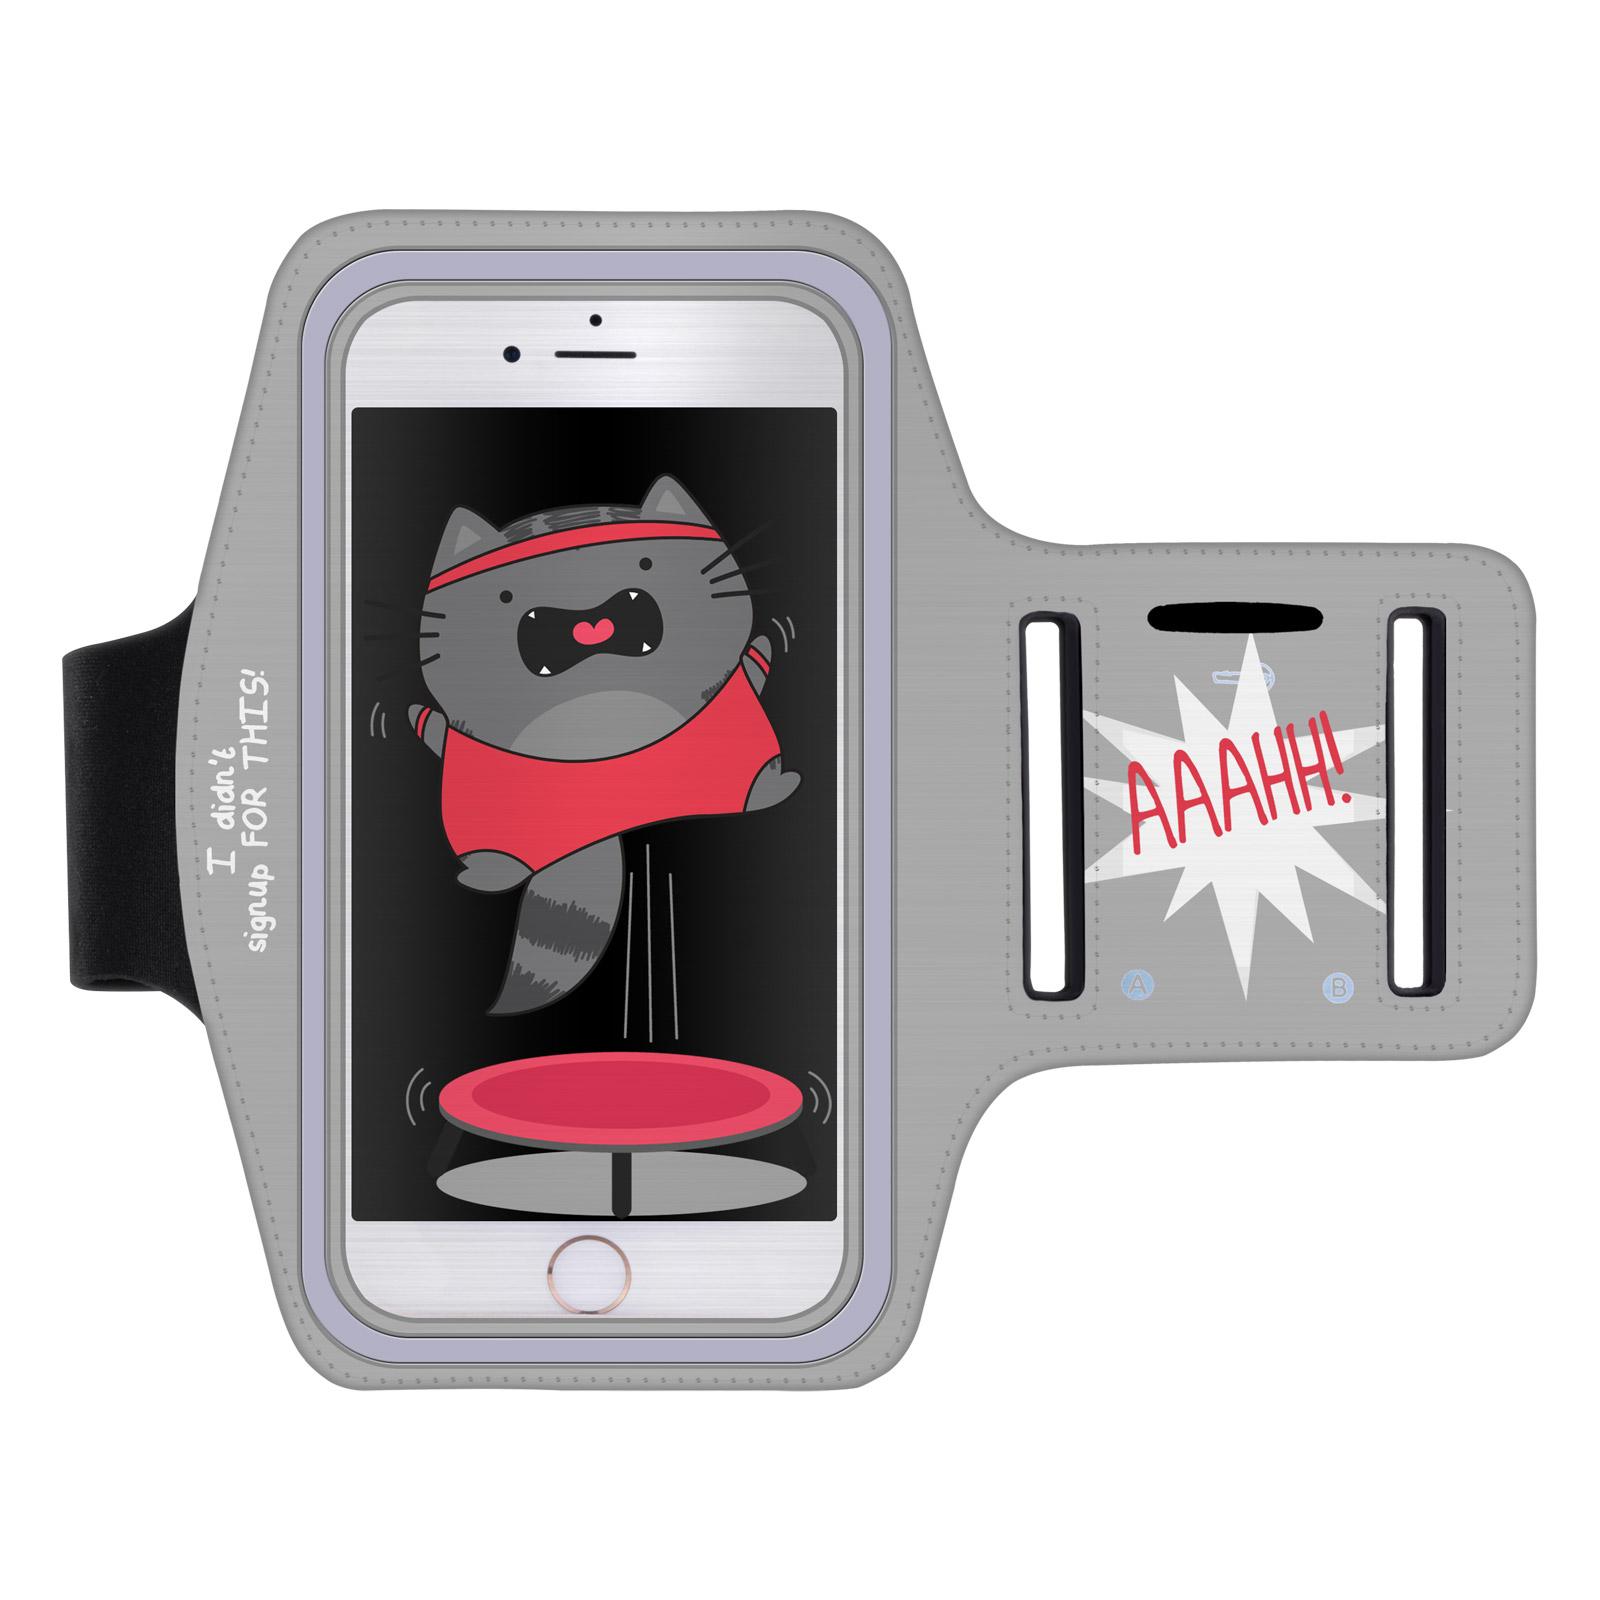 """Sportovní pouzdro TRAMPOLÍNA WILLBUR pro mobily do 5,1"""" S7 / iPhone 6 šedé (Pouzdro na běhání pro mobilní telefony do 5,1 palců)"""